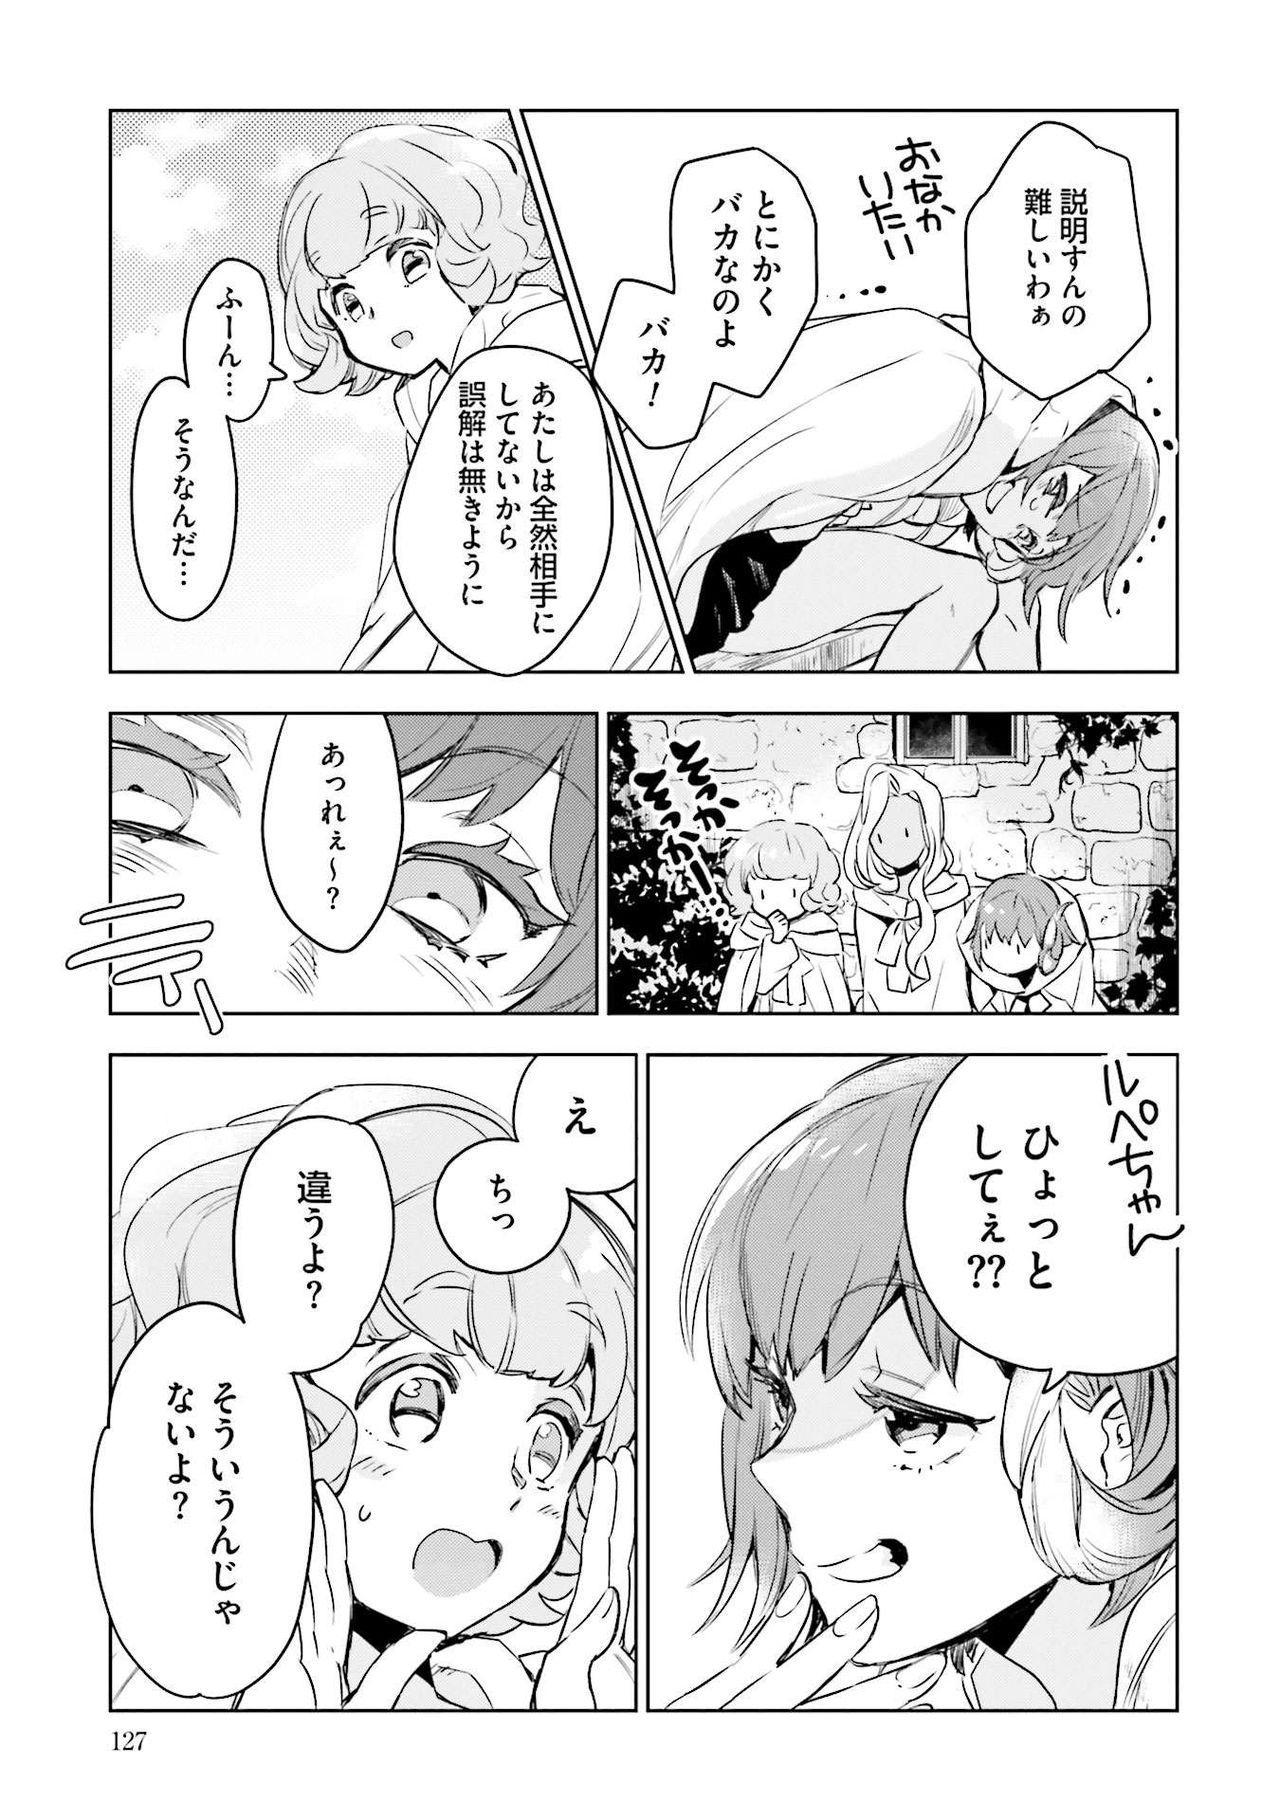 JK Haru wa Isekai de Shoufu ni Natta 1-14 128